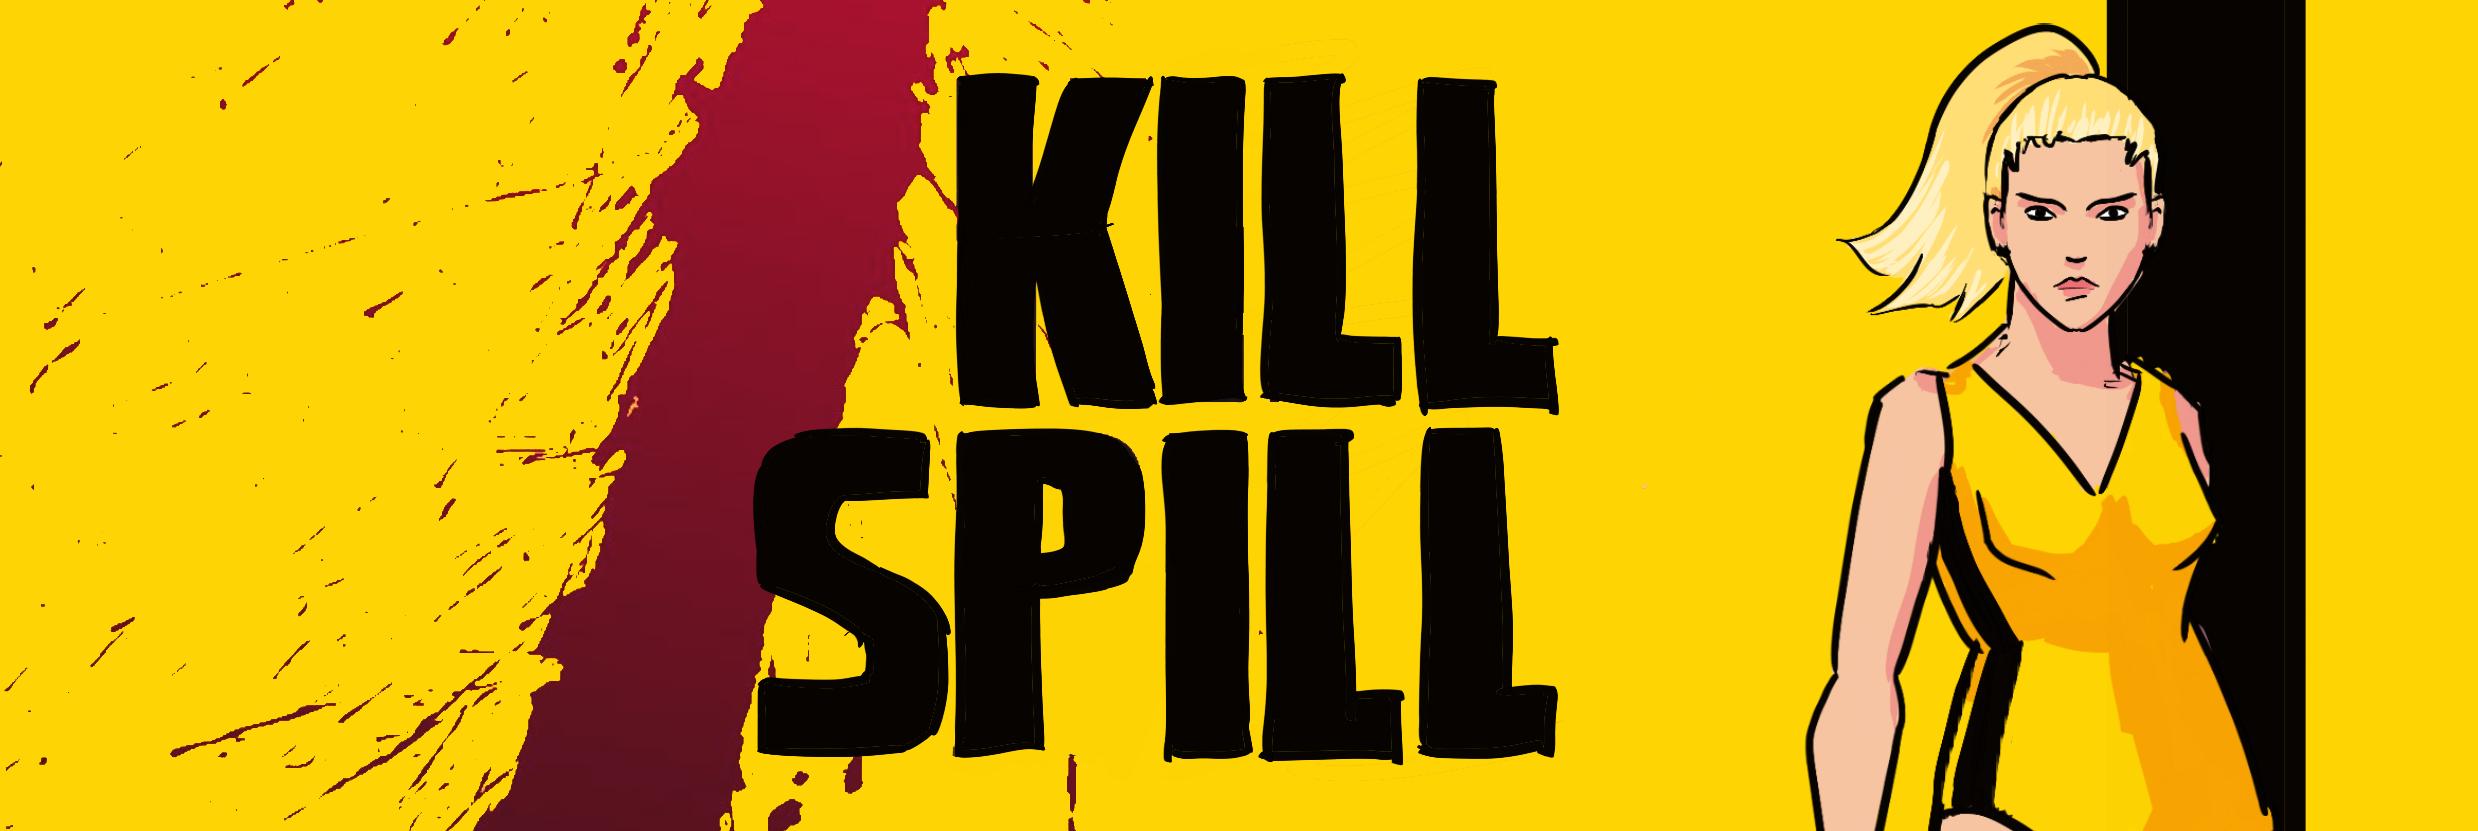 Kill Spill